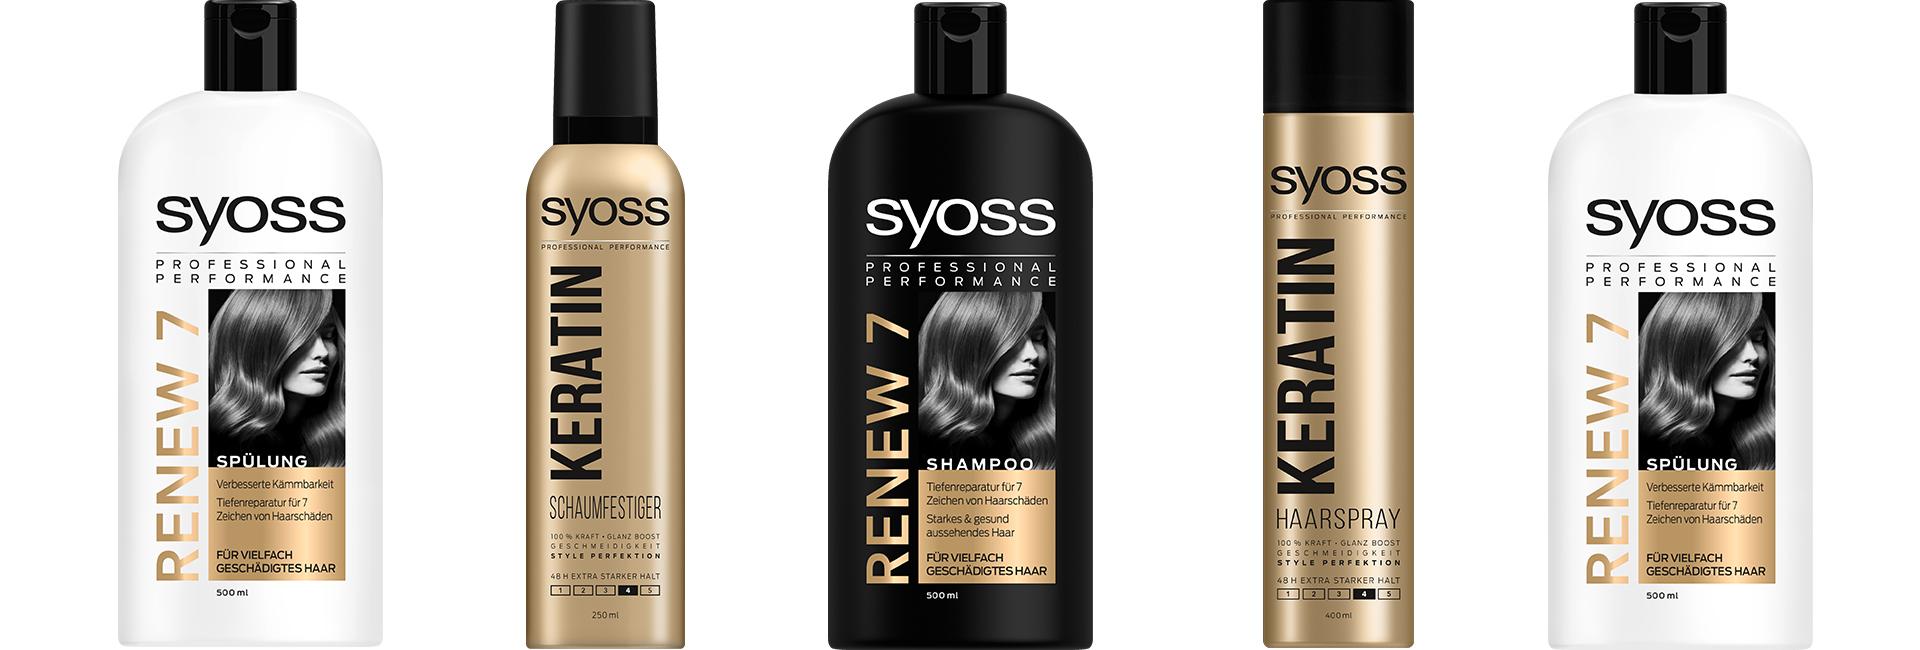 Syoss Haarpflege